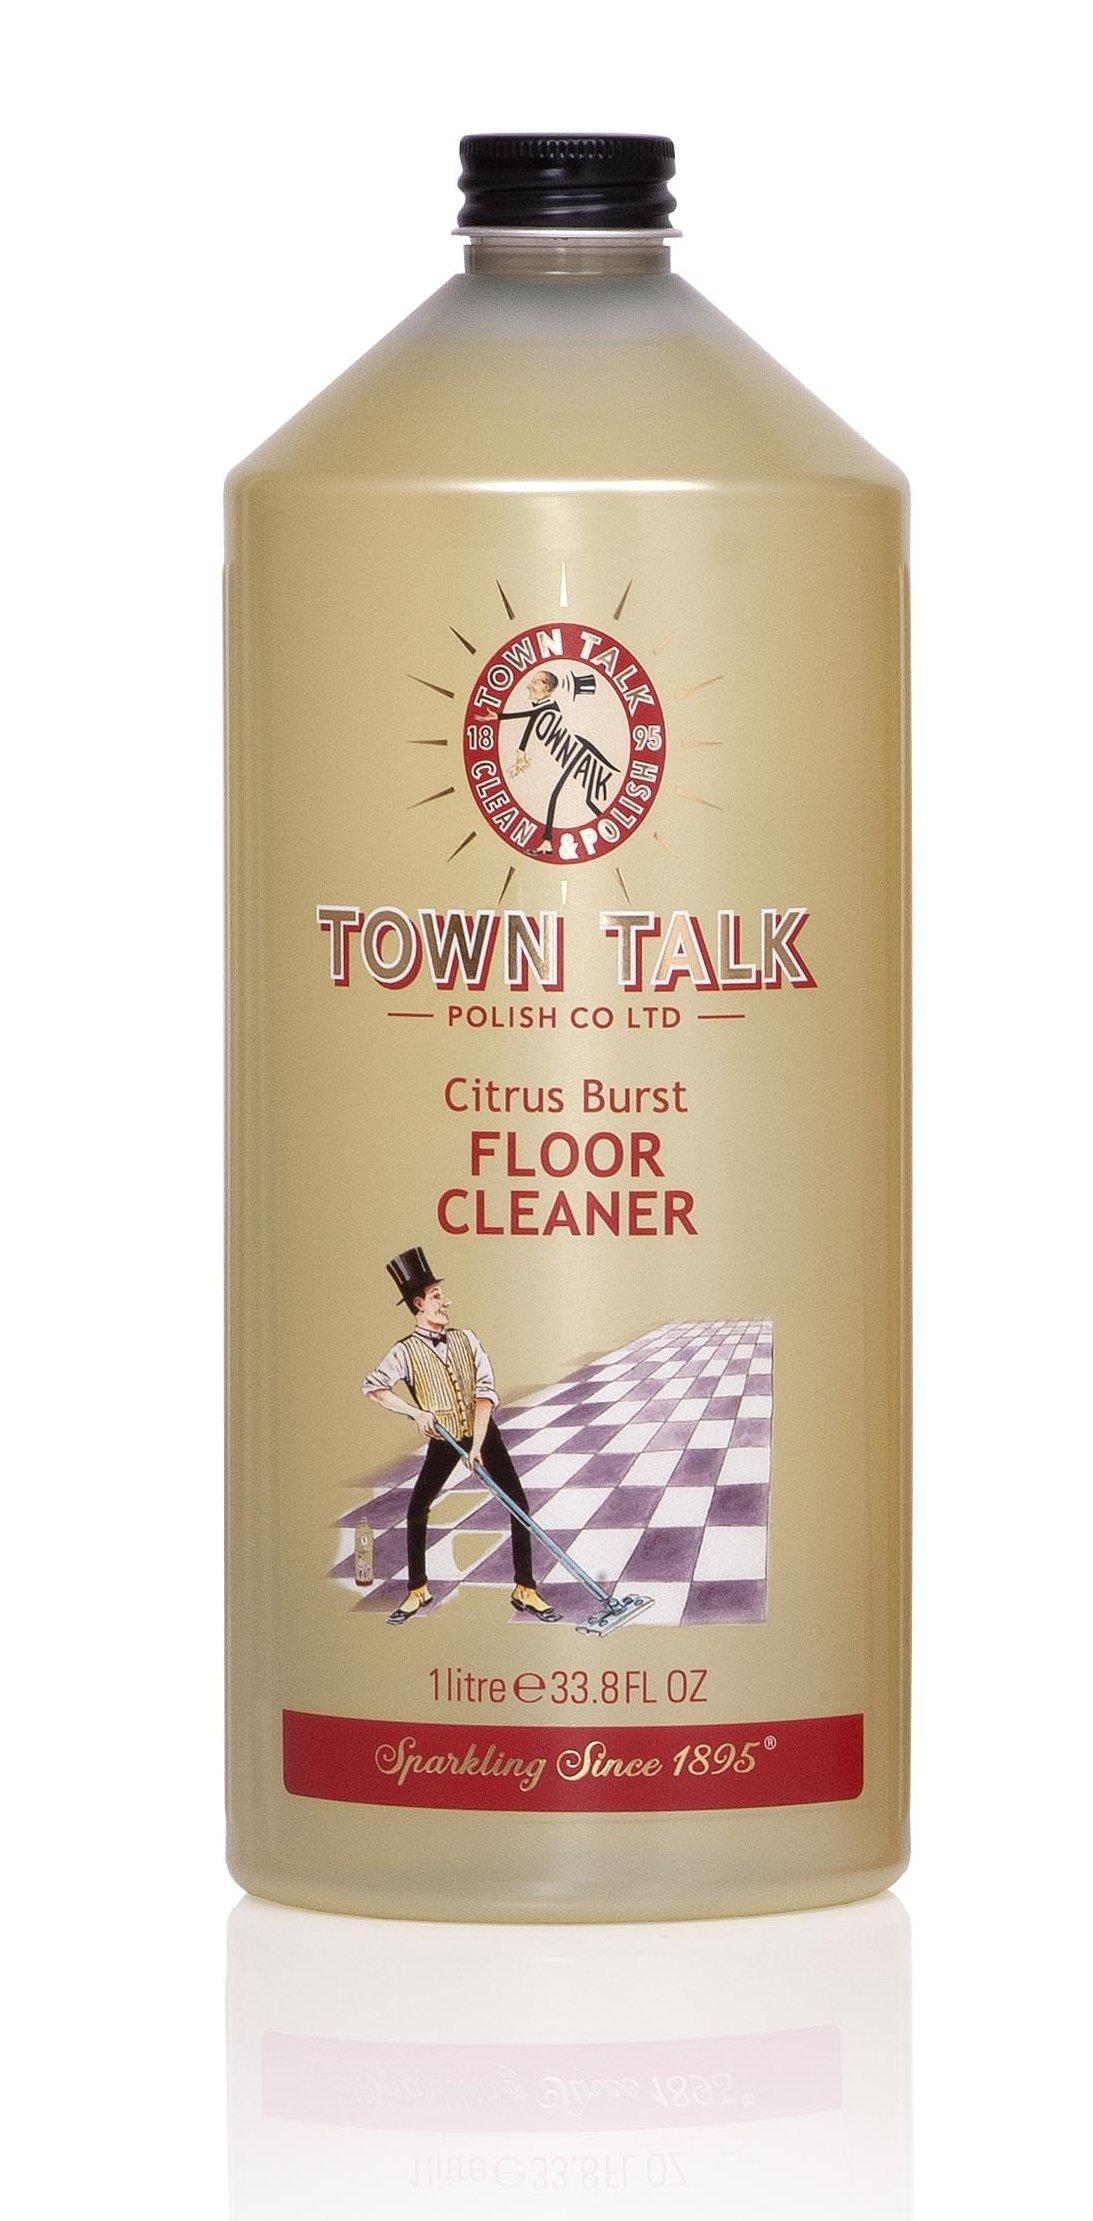 Mr Town Talk Bodenreiniger Citrus Burst 1 Liter